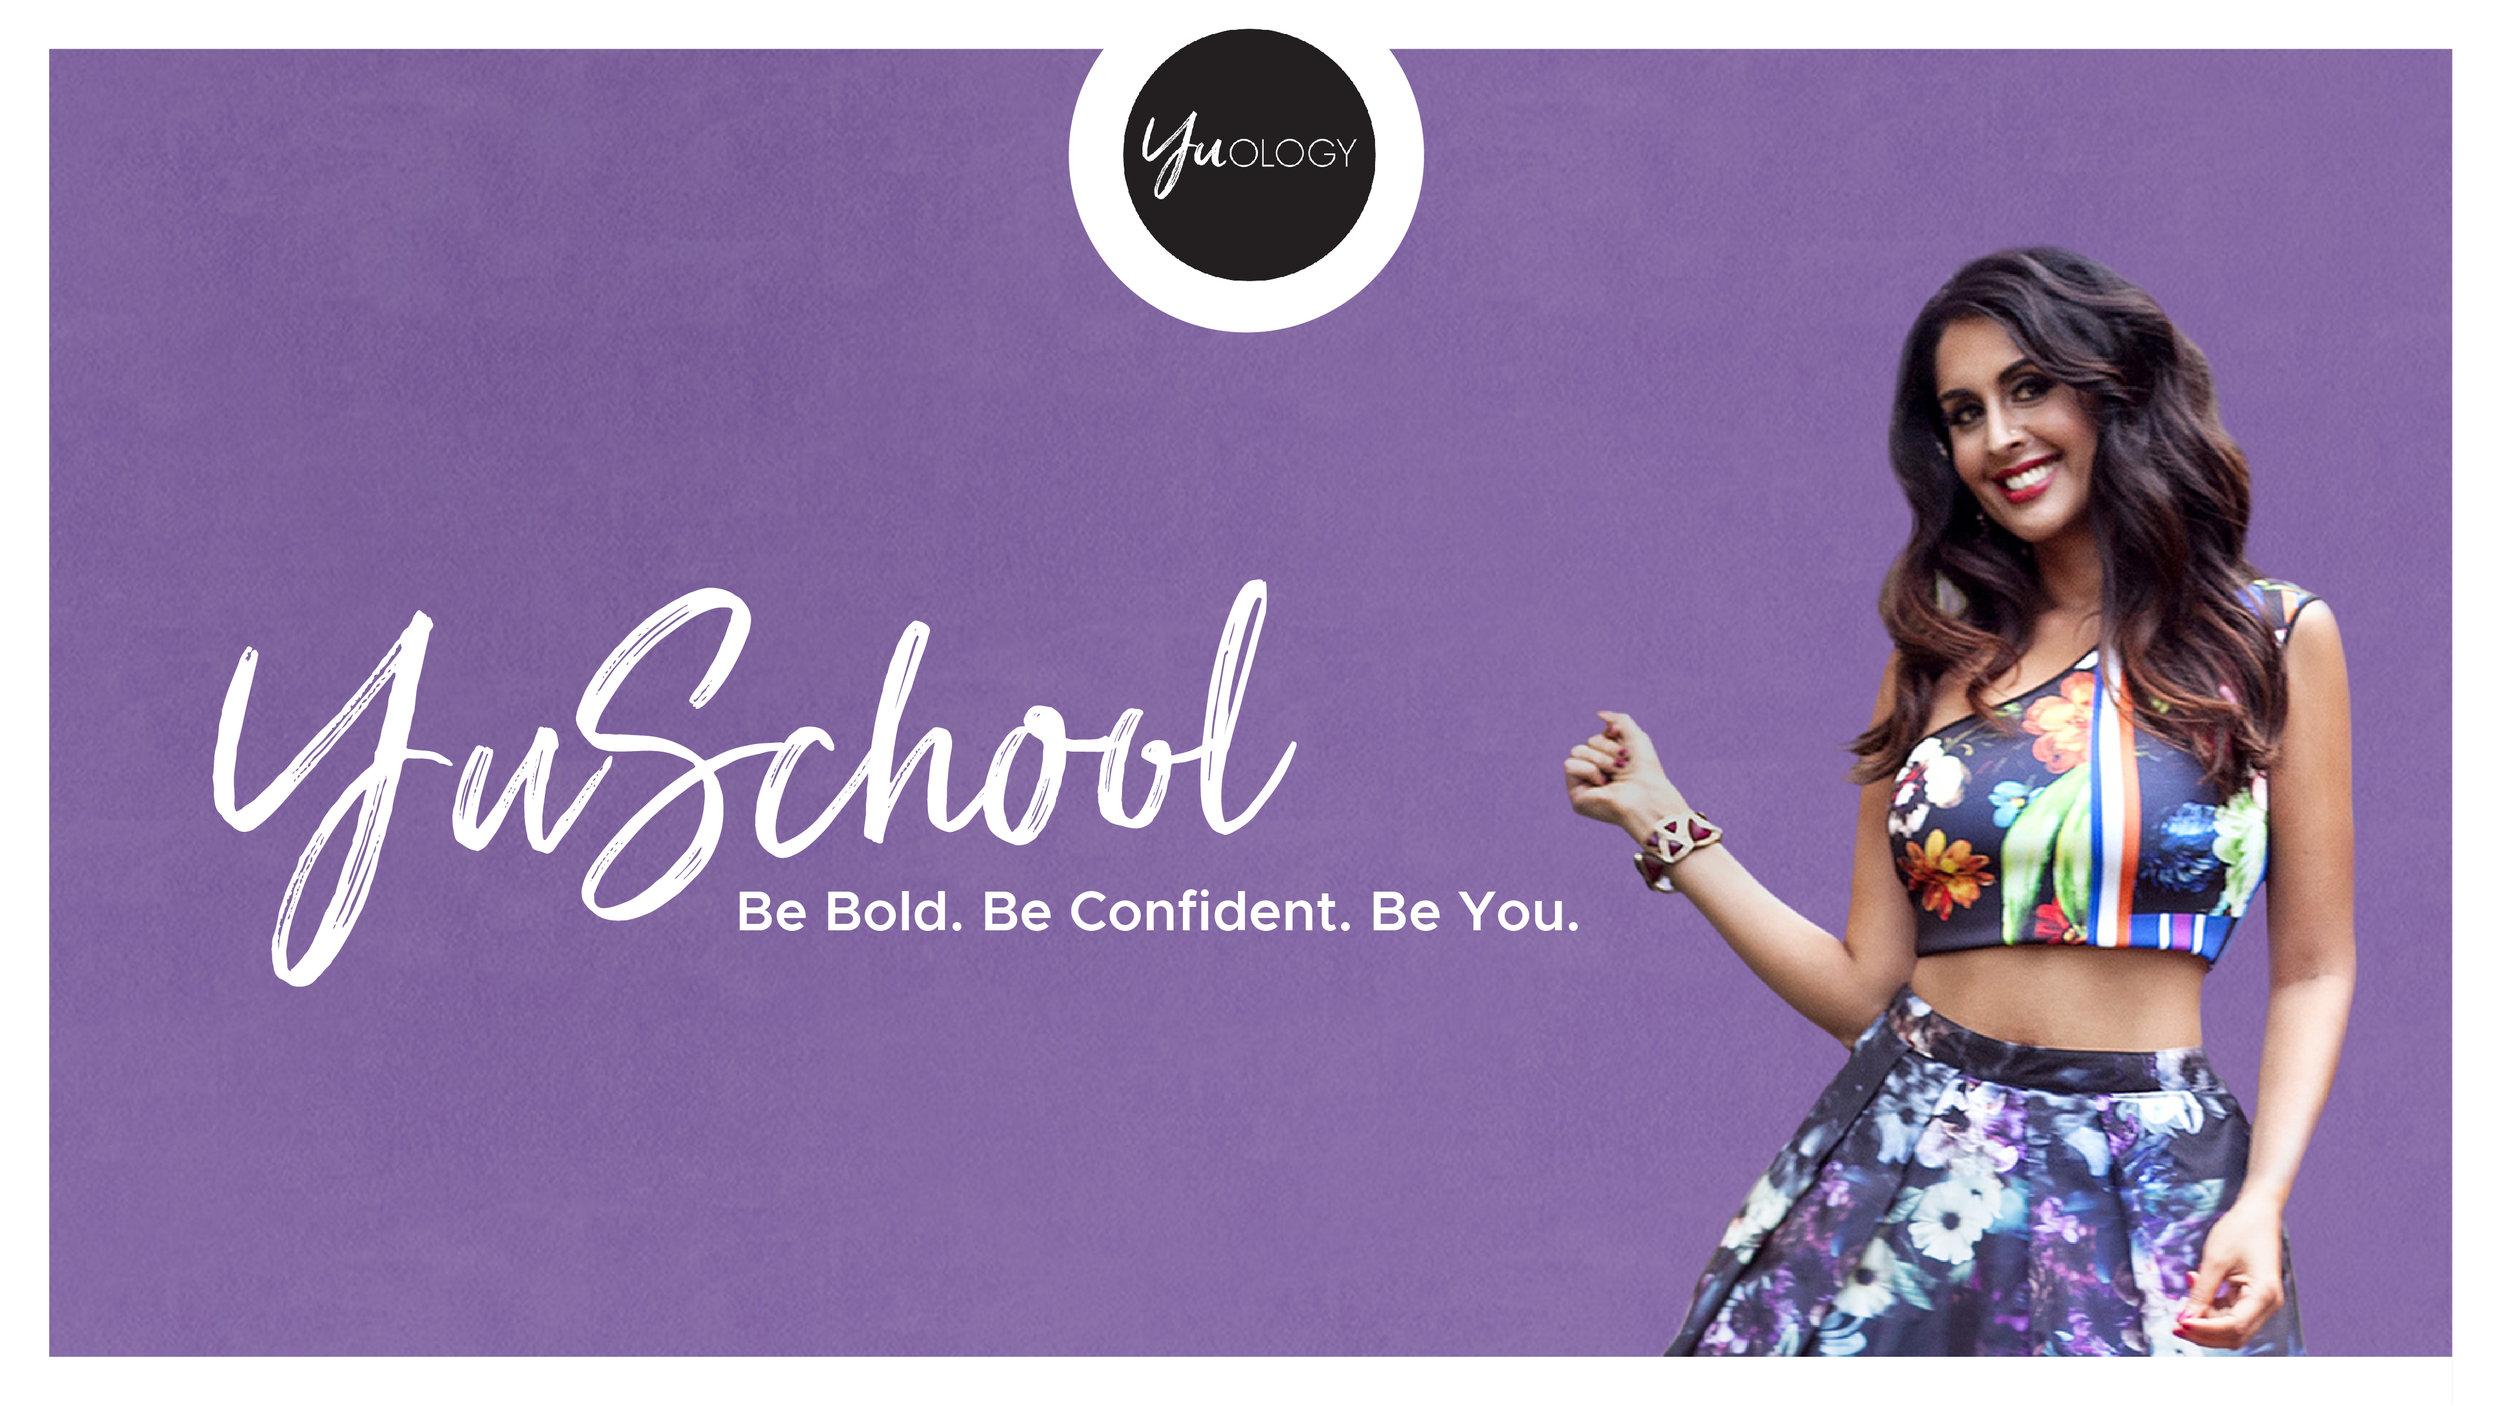 YuSchool promo card.jpg